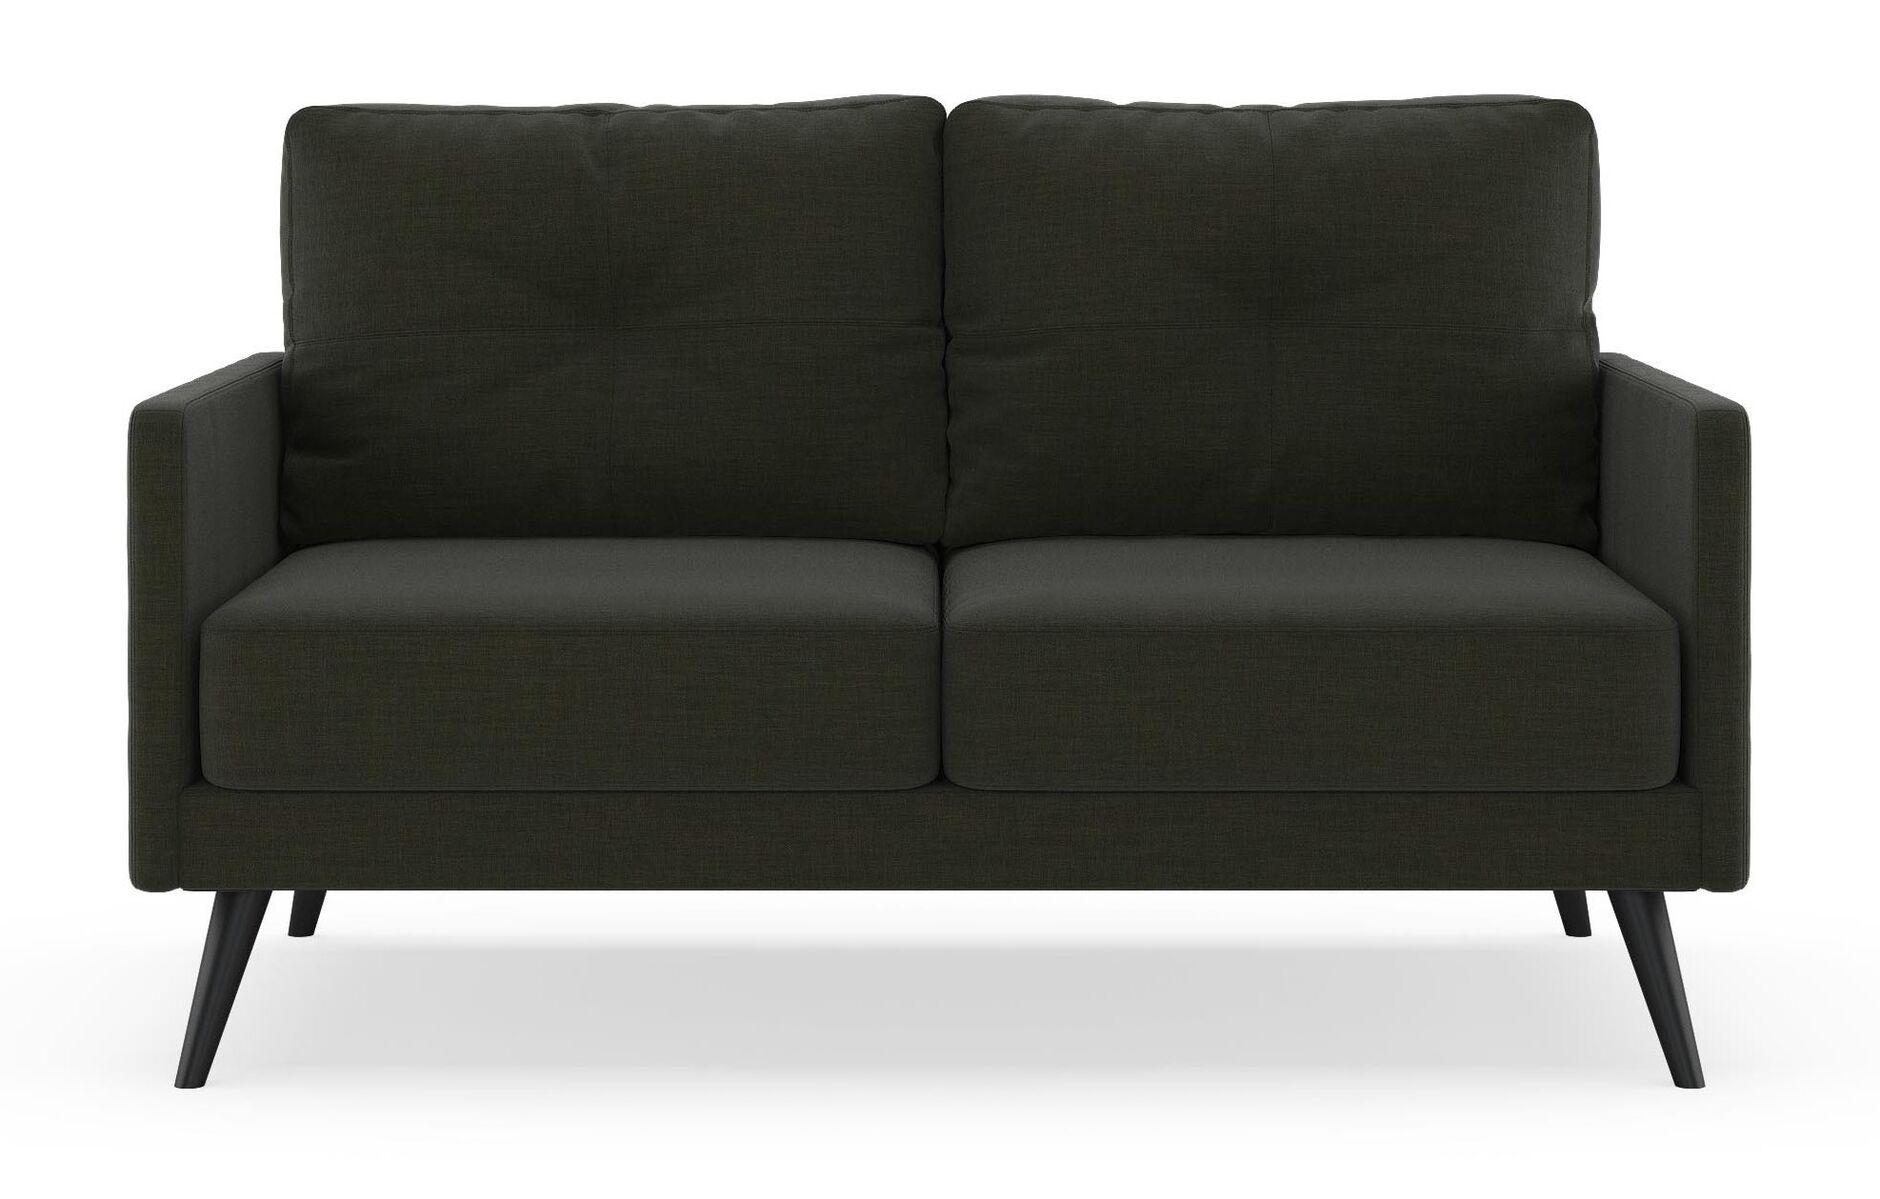 Croker Loveseat Finish: Black, Upholstery: Peppercorn